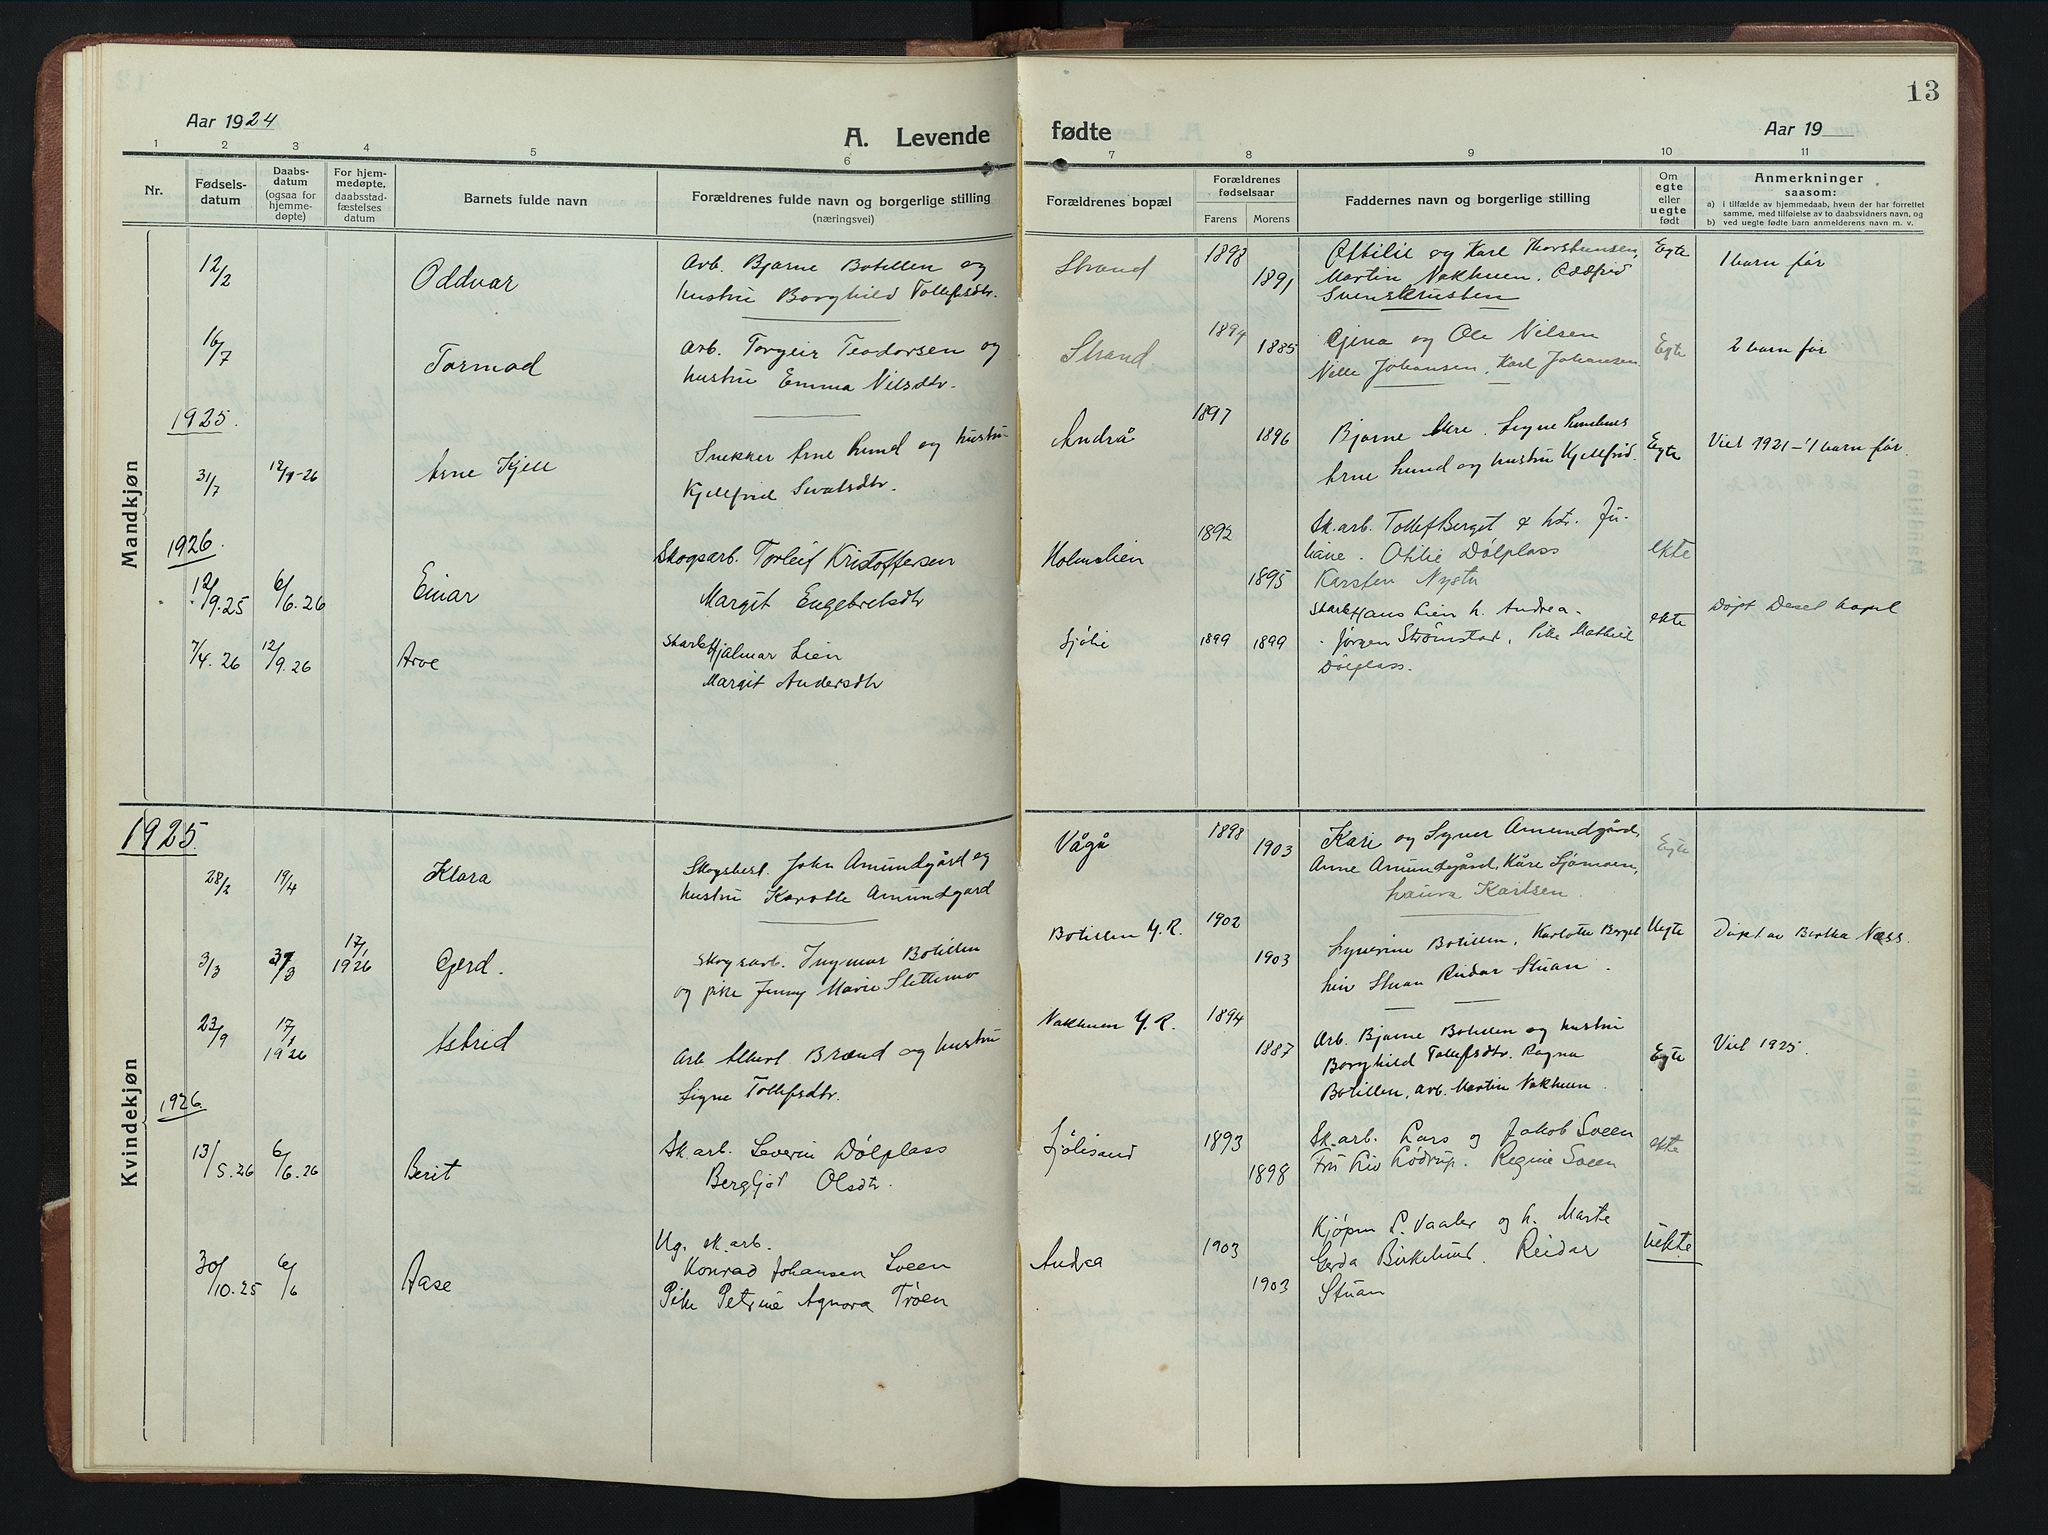 SAH, Rendalen prestekontor, H/Ha/Hab/L0008: Klokkerbok nr. 8, 1914-1948, s. 13